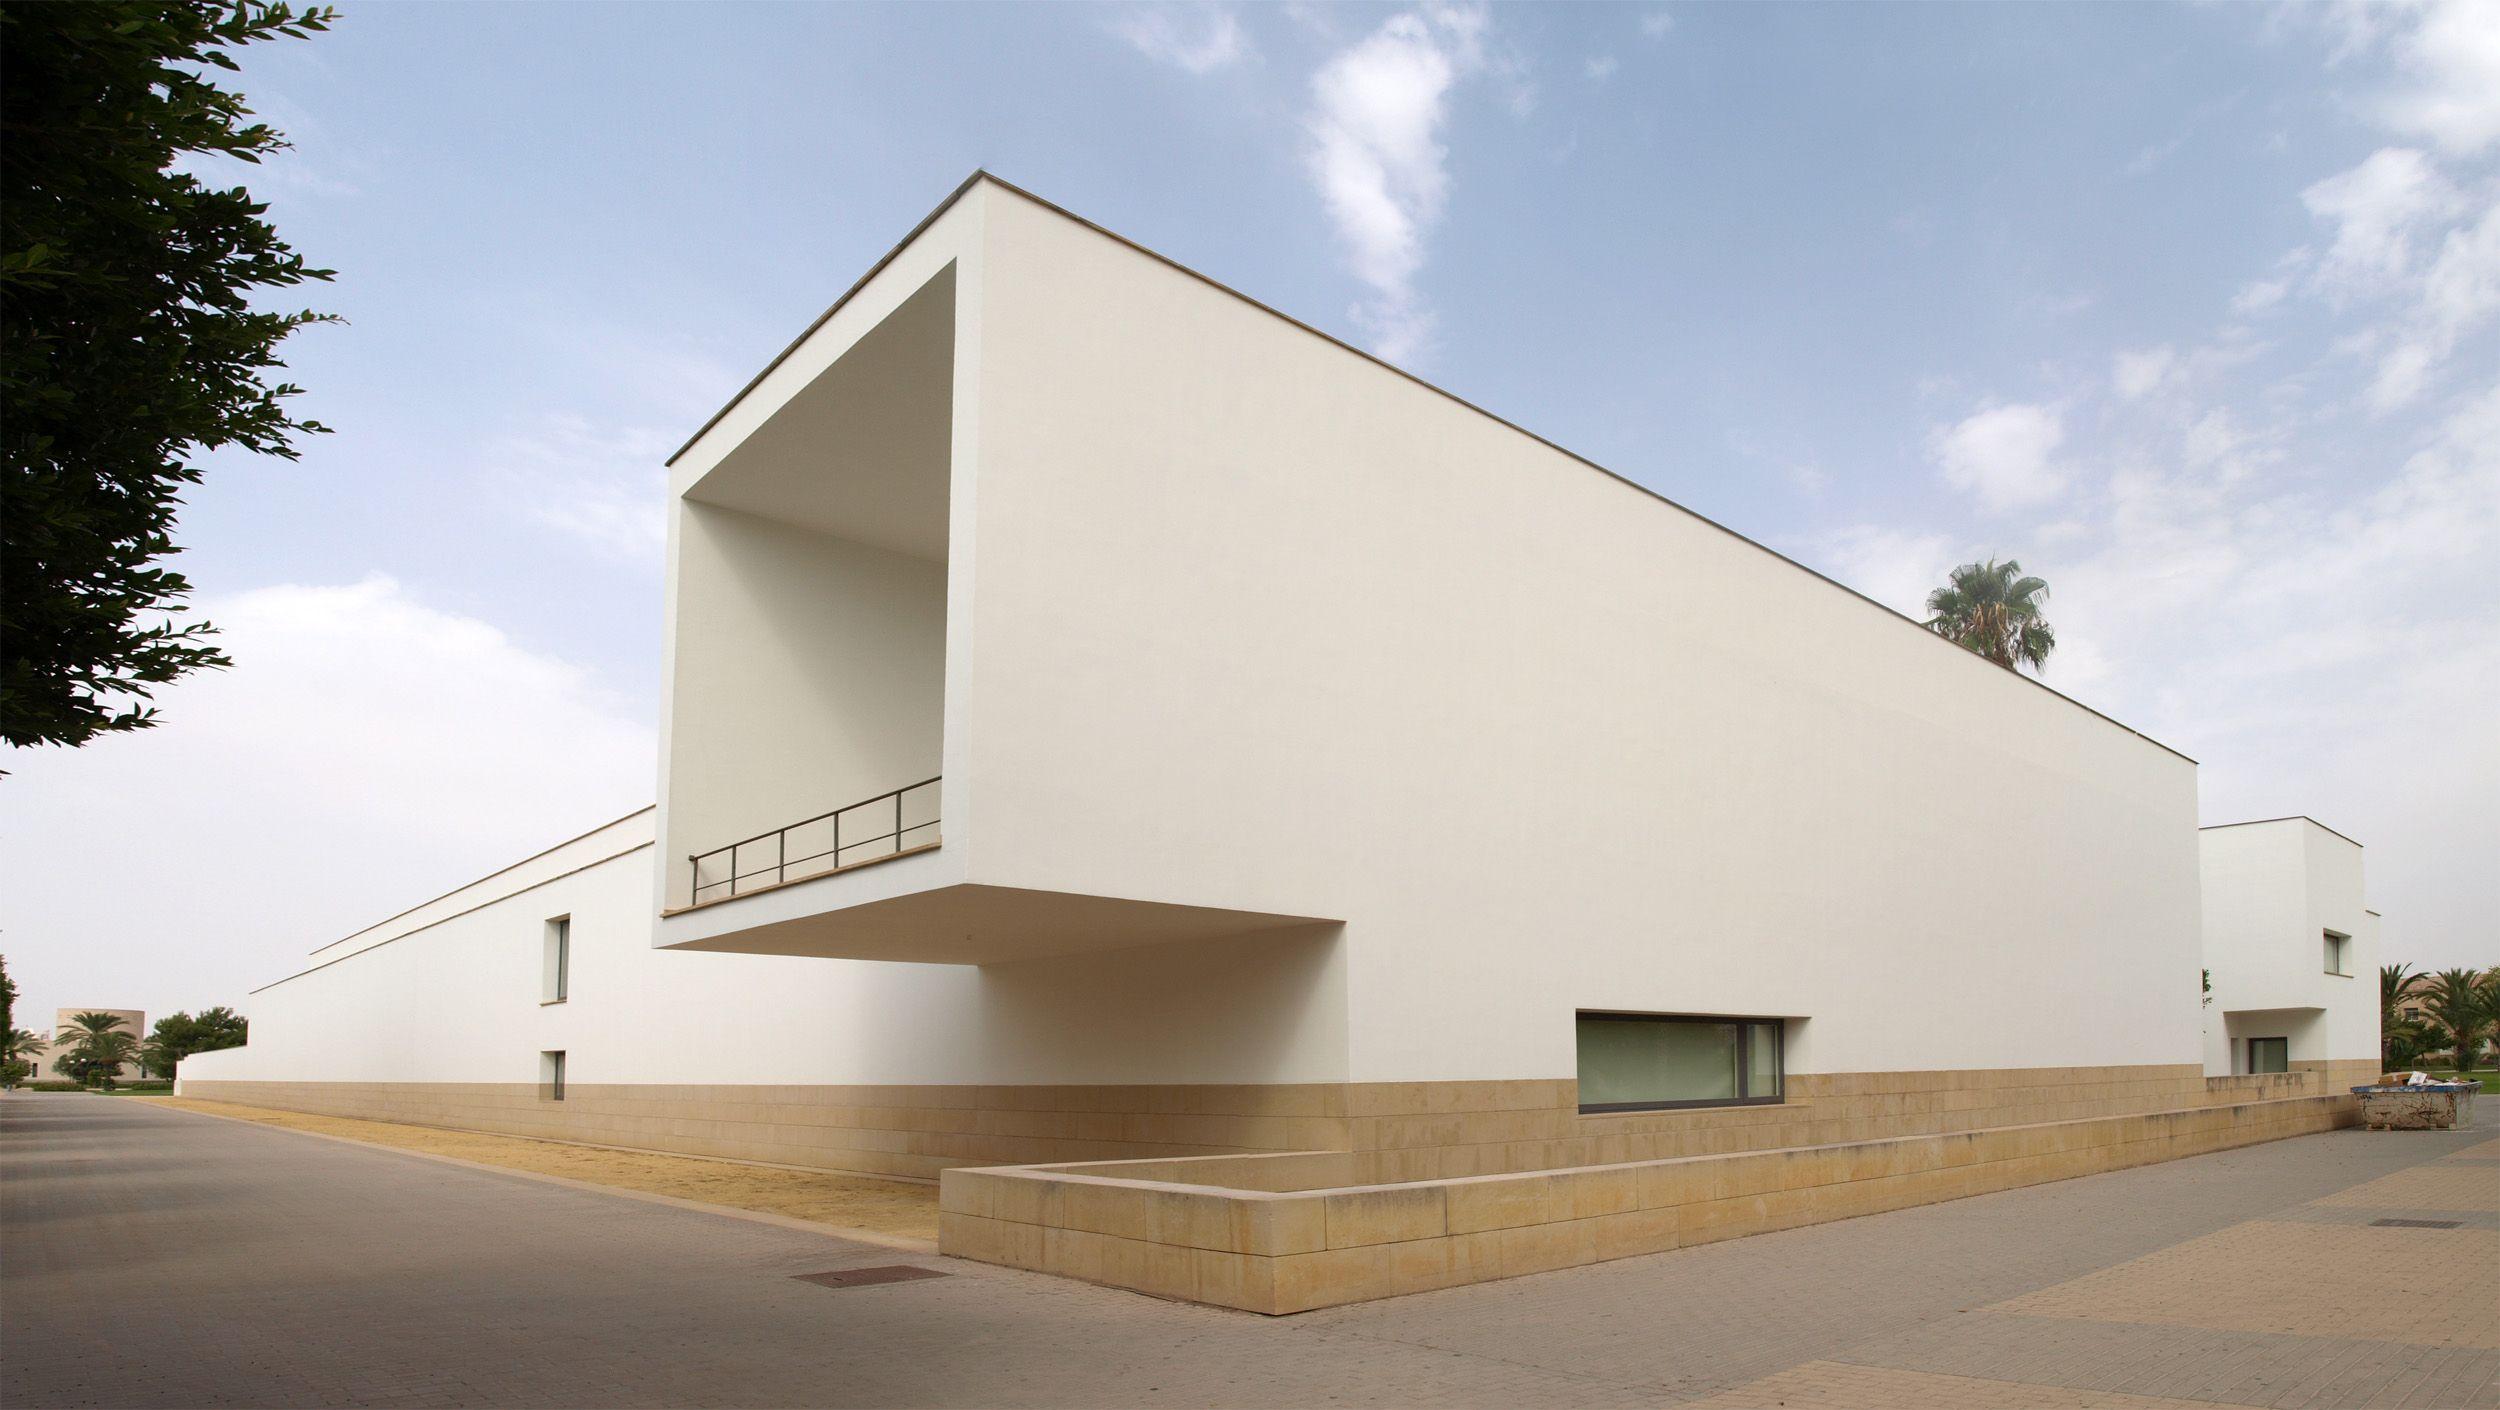 Universidad de alicante alvaro siza 1 1 alvaro siza - Arquitectos de interiores famosos ...